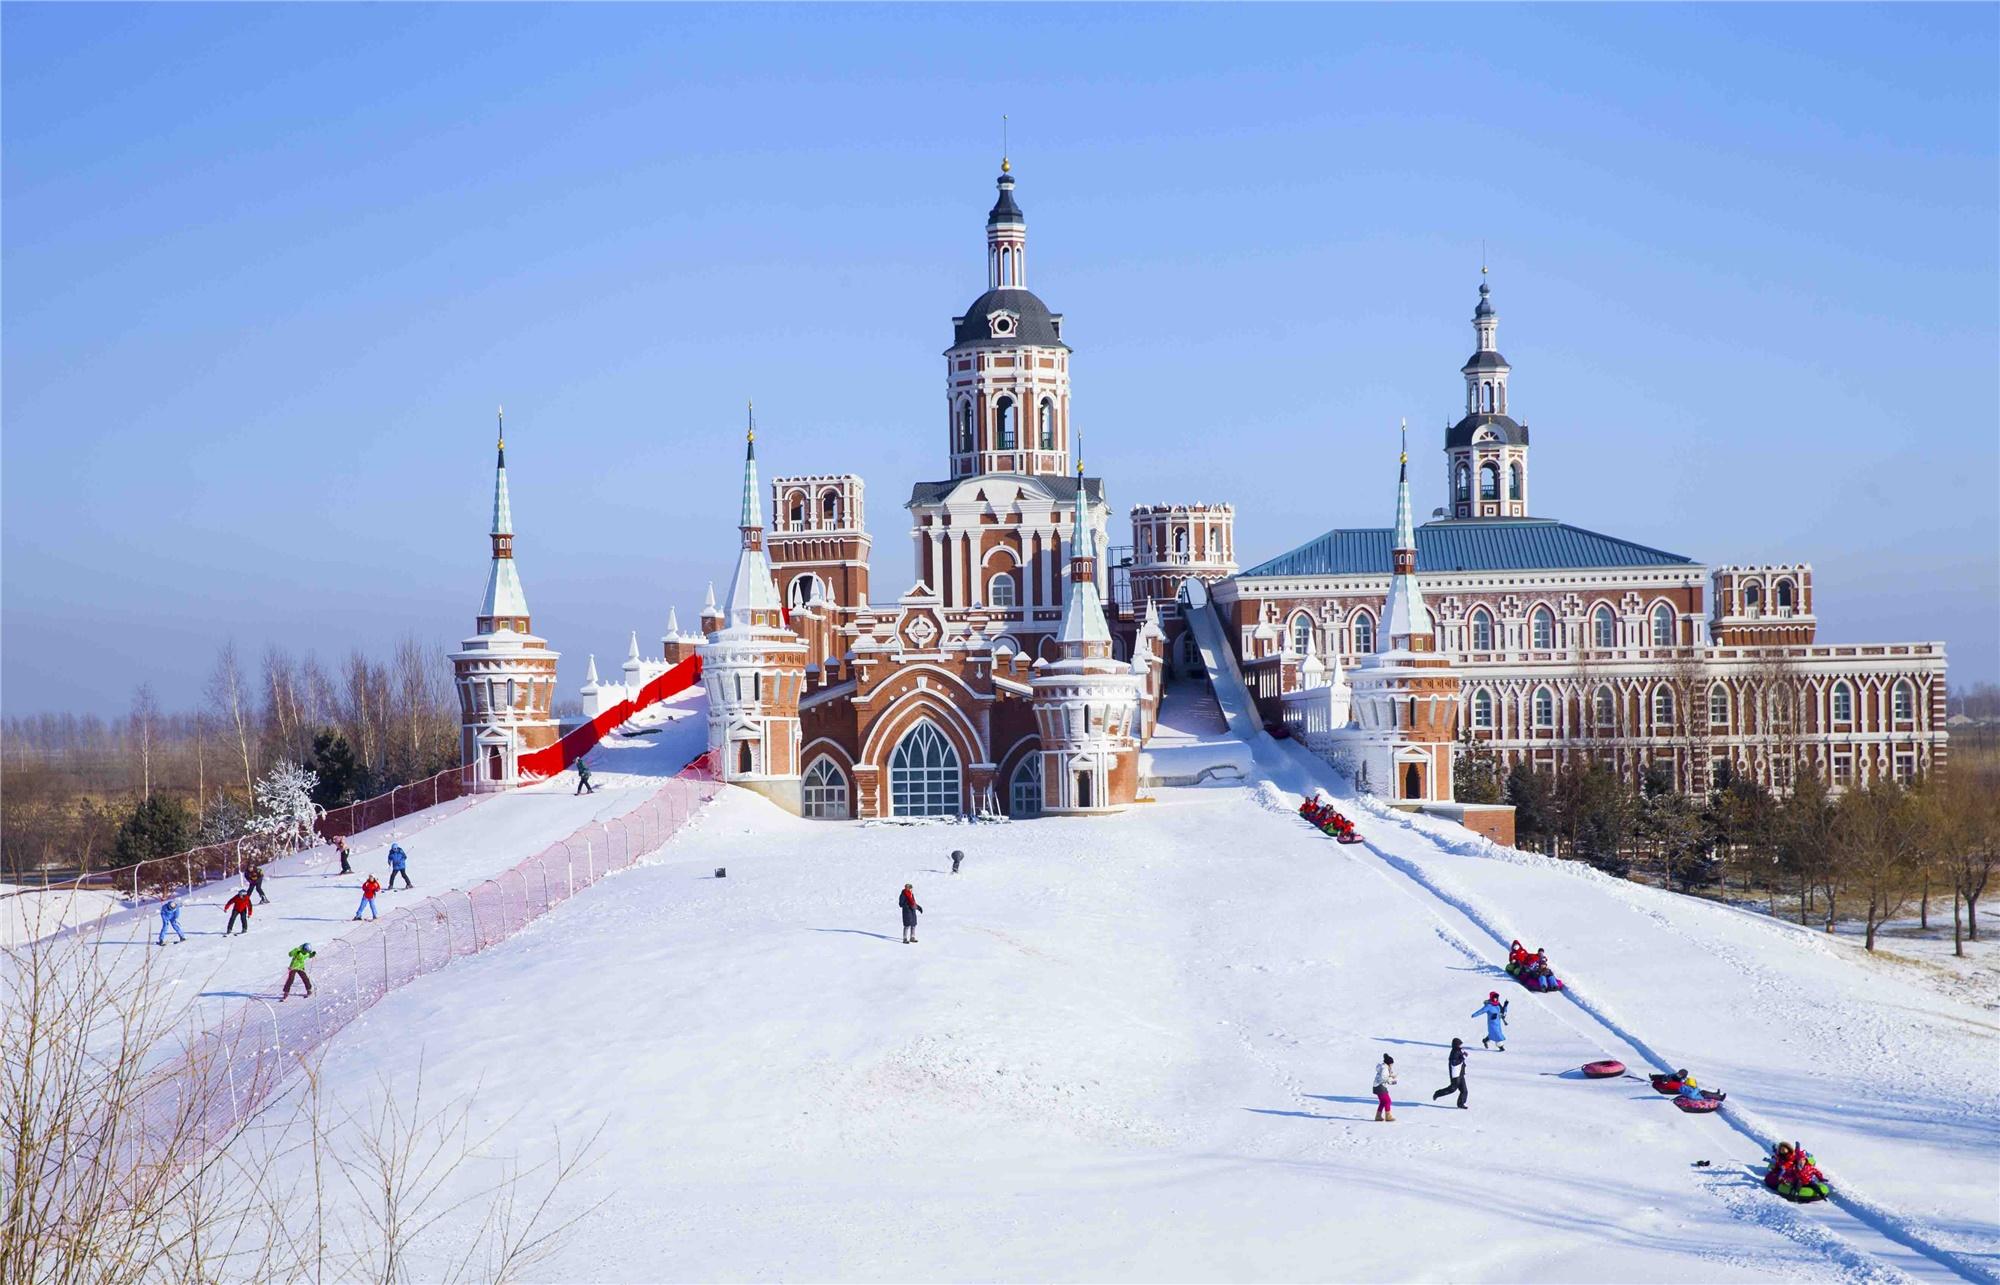 哈尔滨·中国雪乡·亚布力 5S 滑雪场·伏尔加庄园·冰雪画廊·梦幻家园·雪地温泉马拉爬犁·冰凌谷·俄罗斯家访·冬捕·中央大街·索菲亚教堂